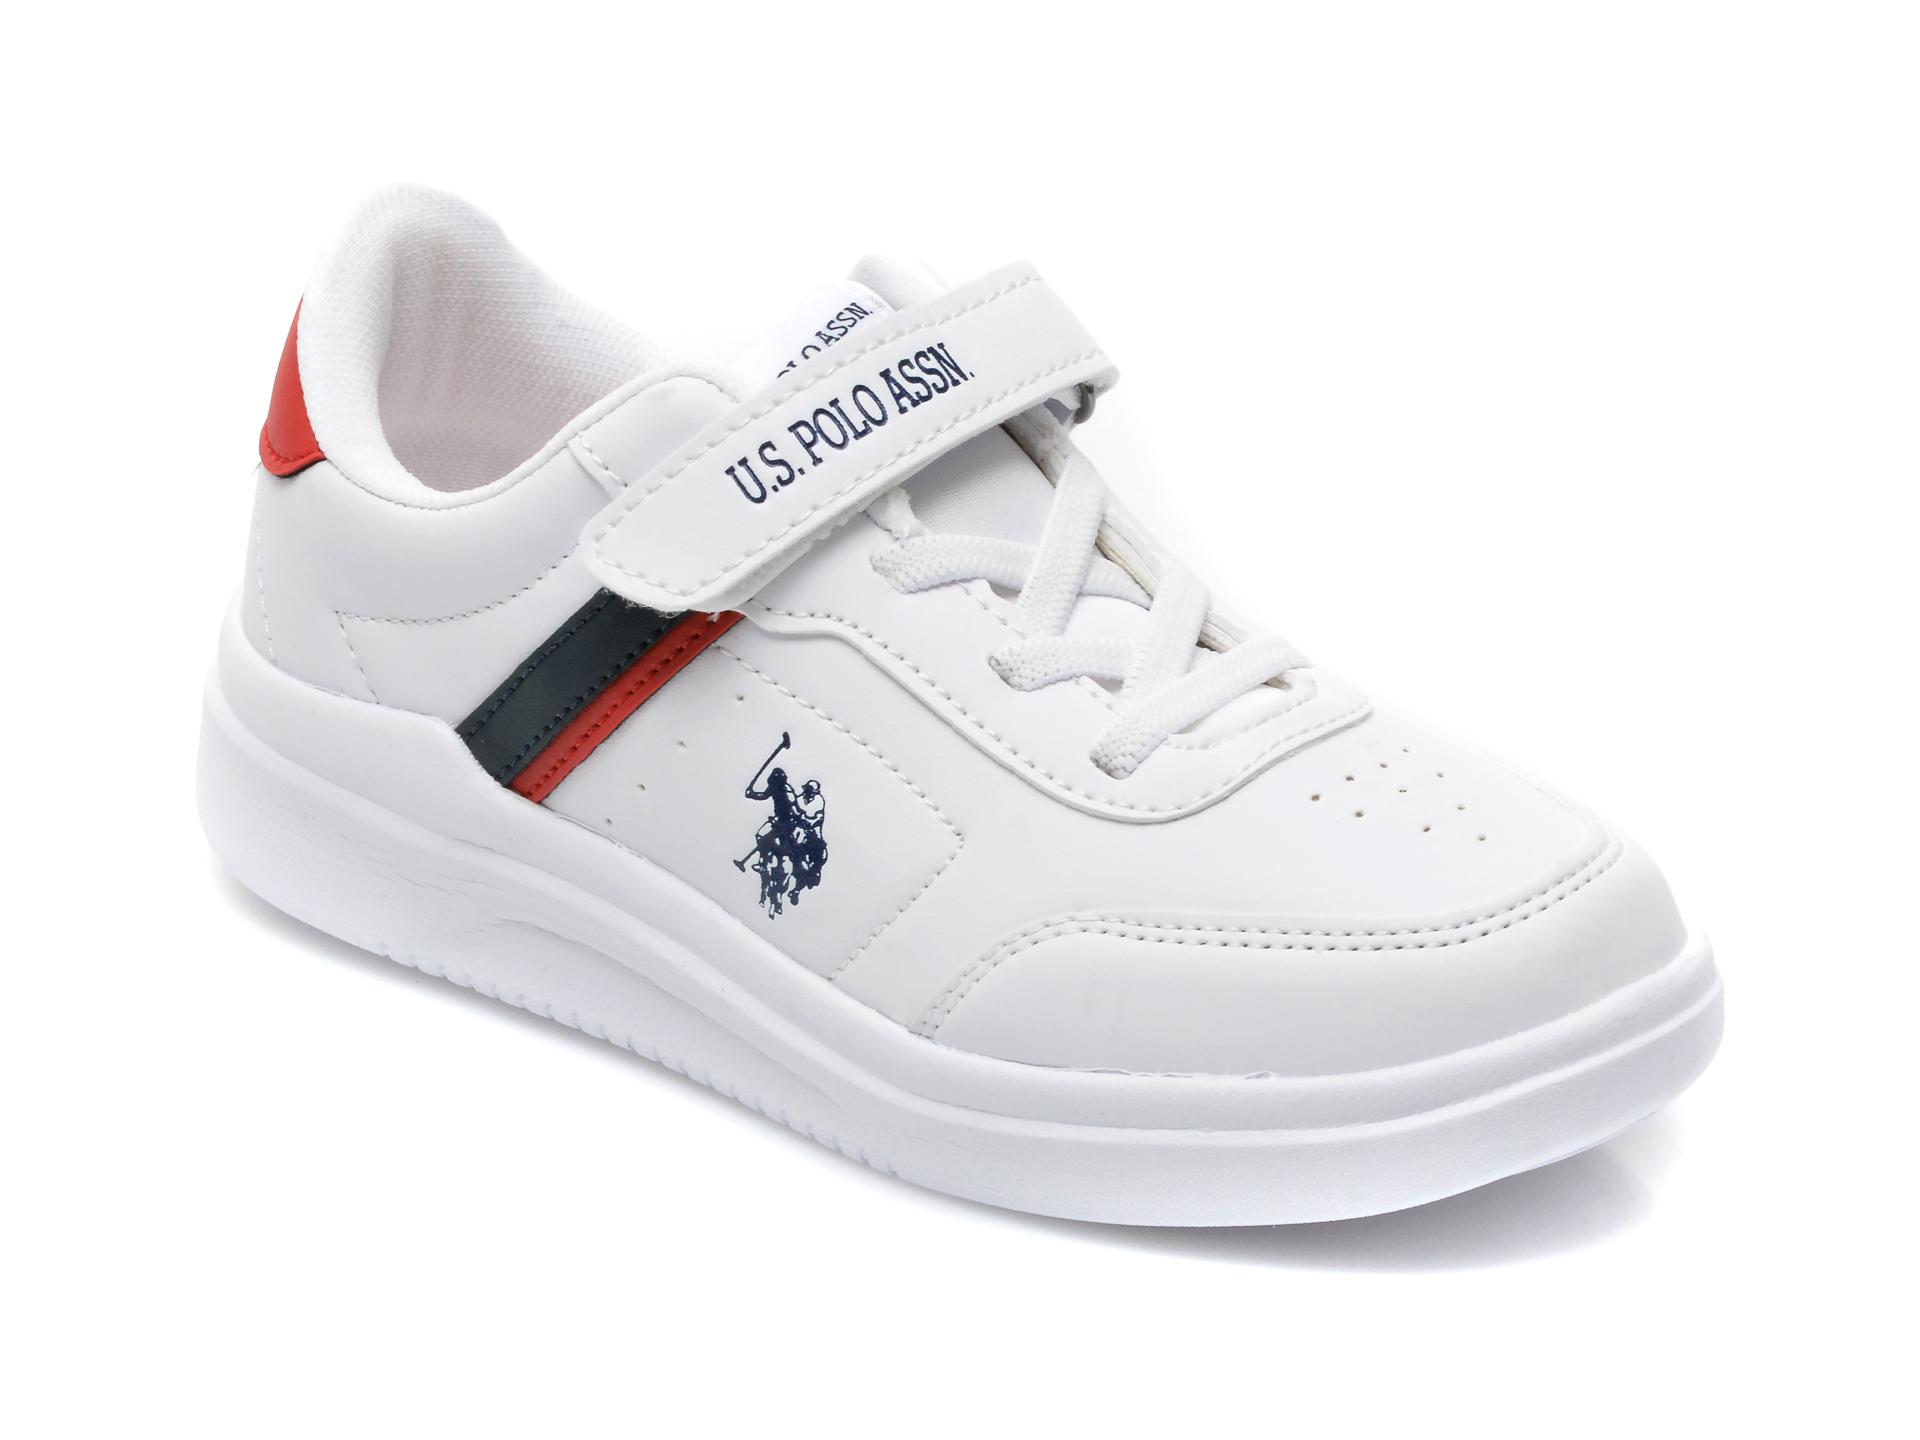 Pantofi sport US POLO ASSN albi, BERKELEY JR, din piele ecologica